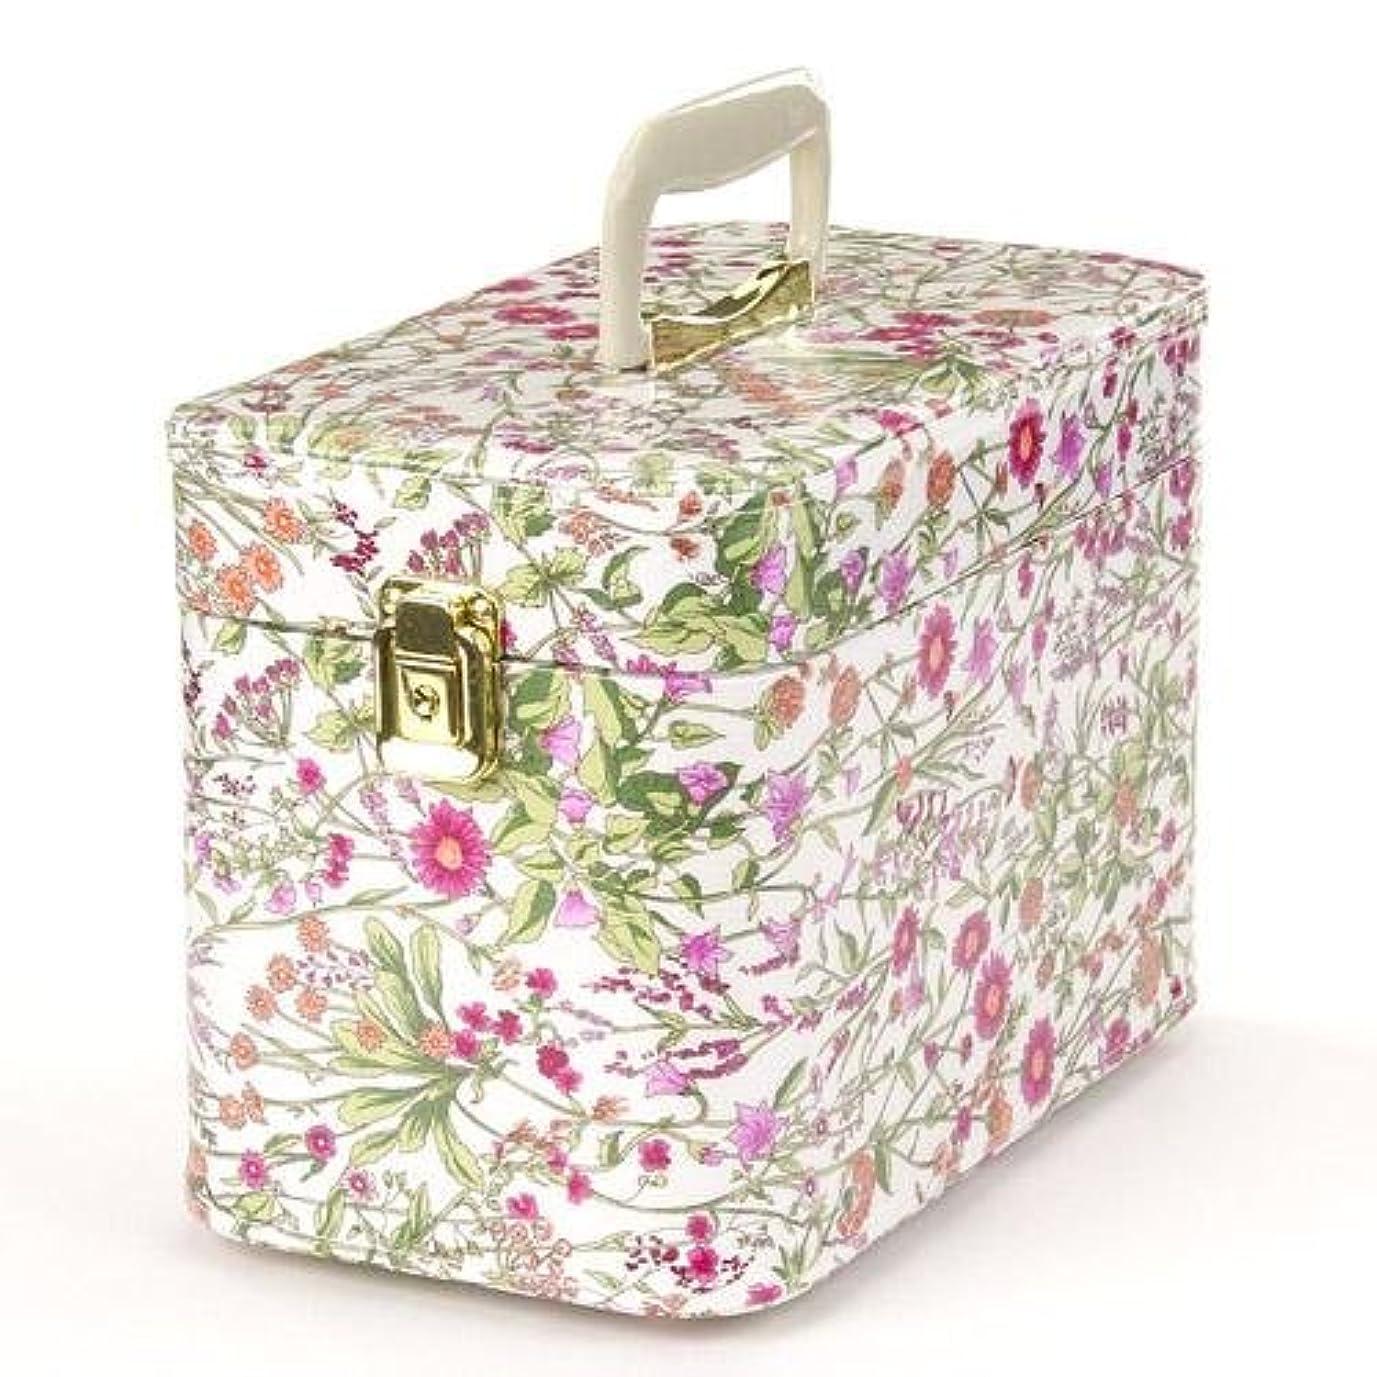 モノグラフ徐々にラップ日本製 メイクボックス (コスメボックス)ハーブガーデン 30cm ピンク トレンケース(鍵付き/コスメボックス)